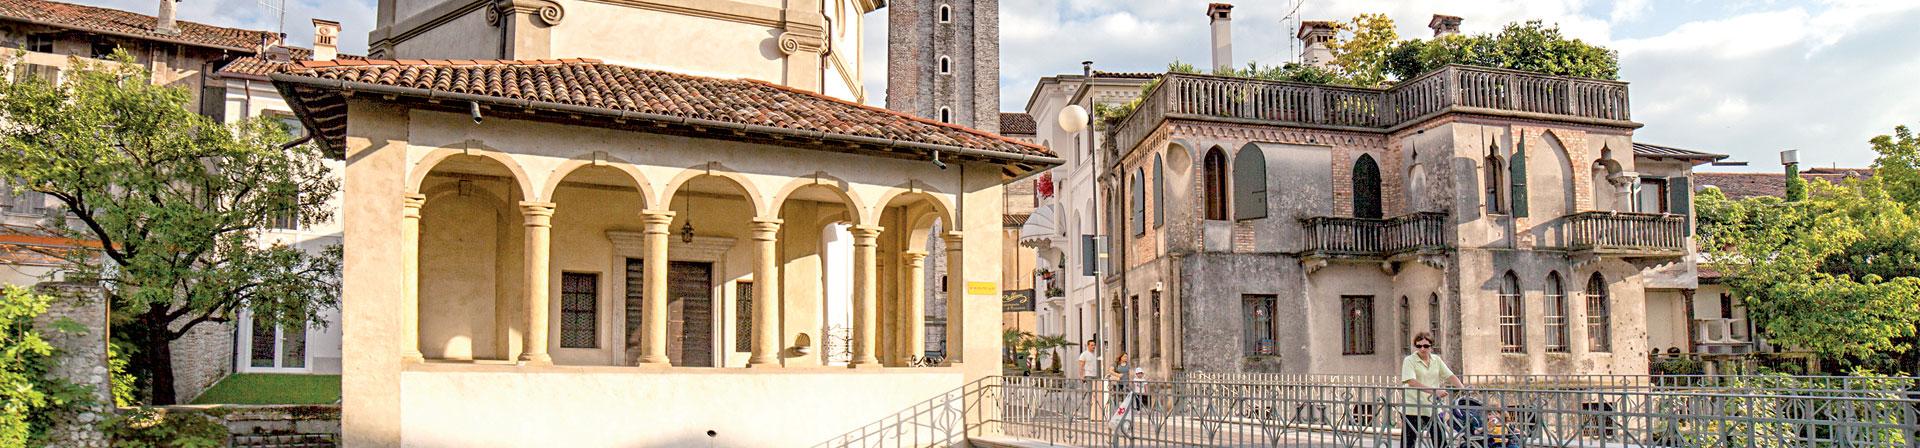 Chiese a Sacile: Chiesetta della Pietà